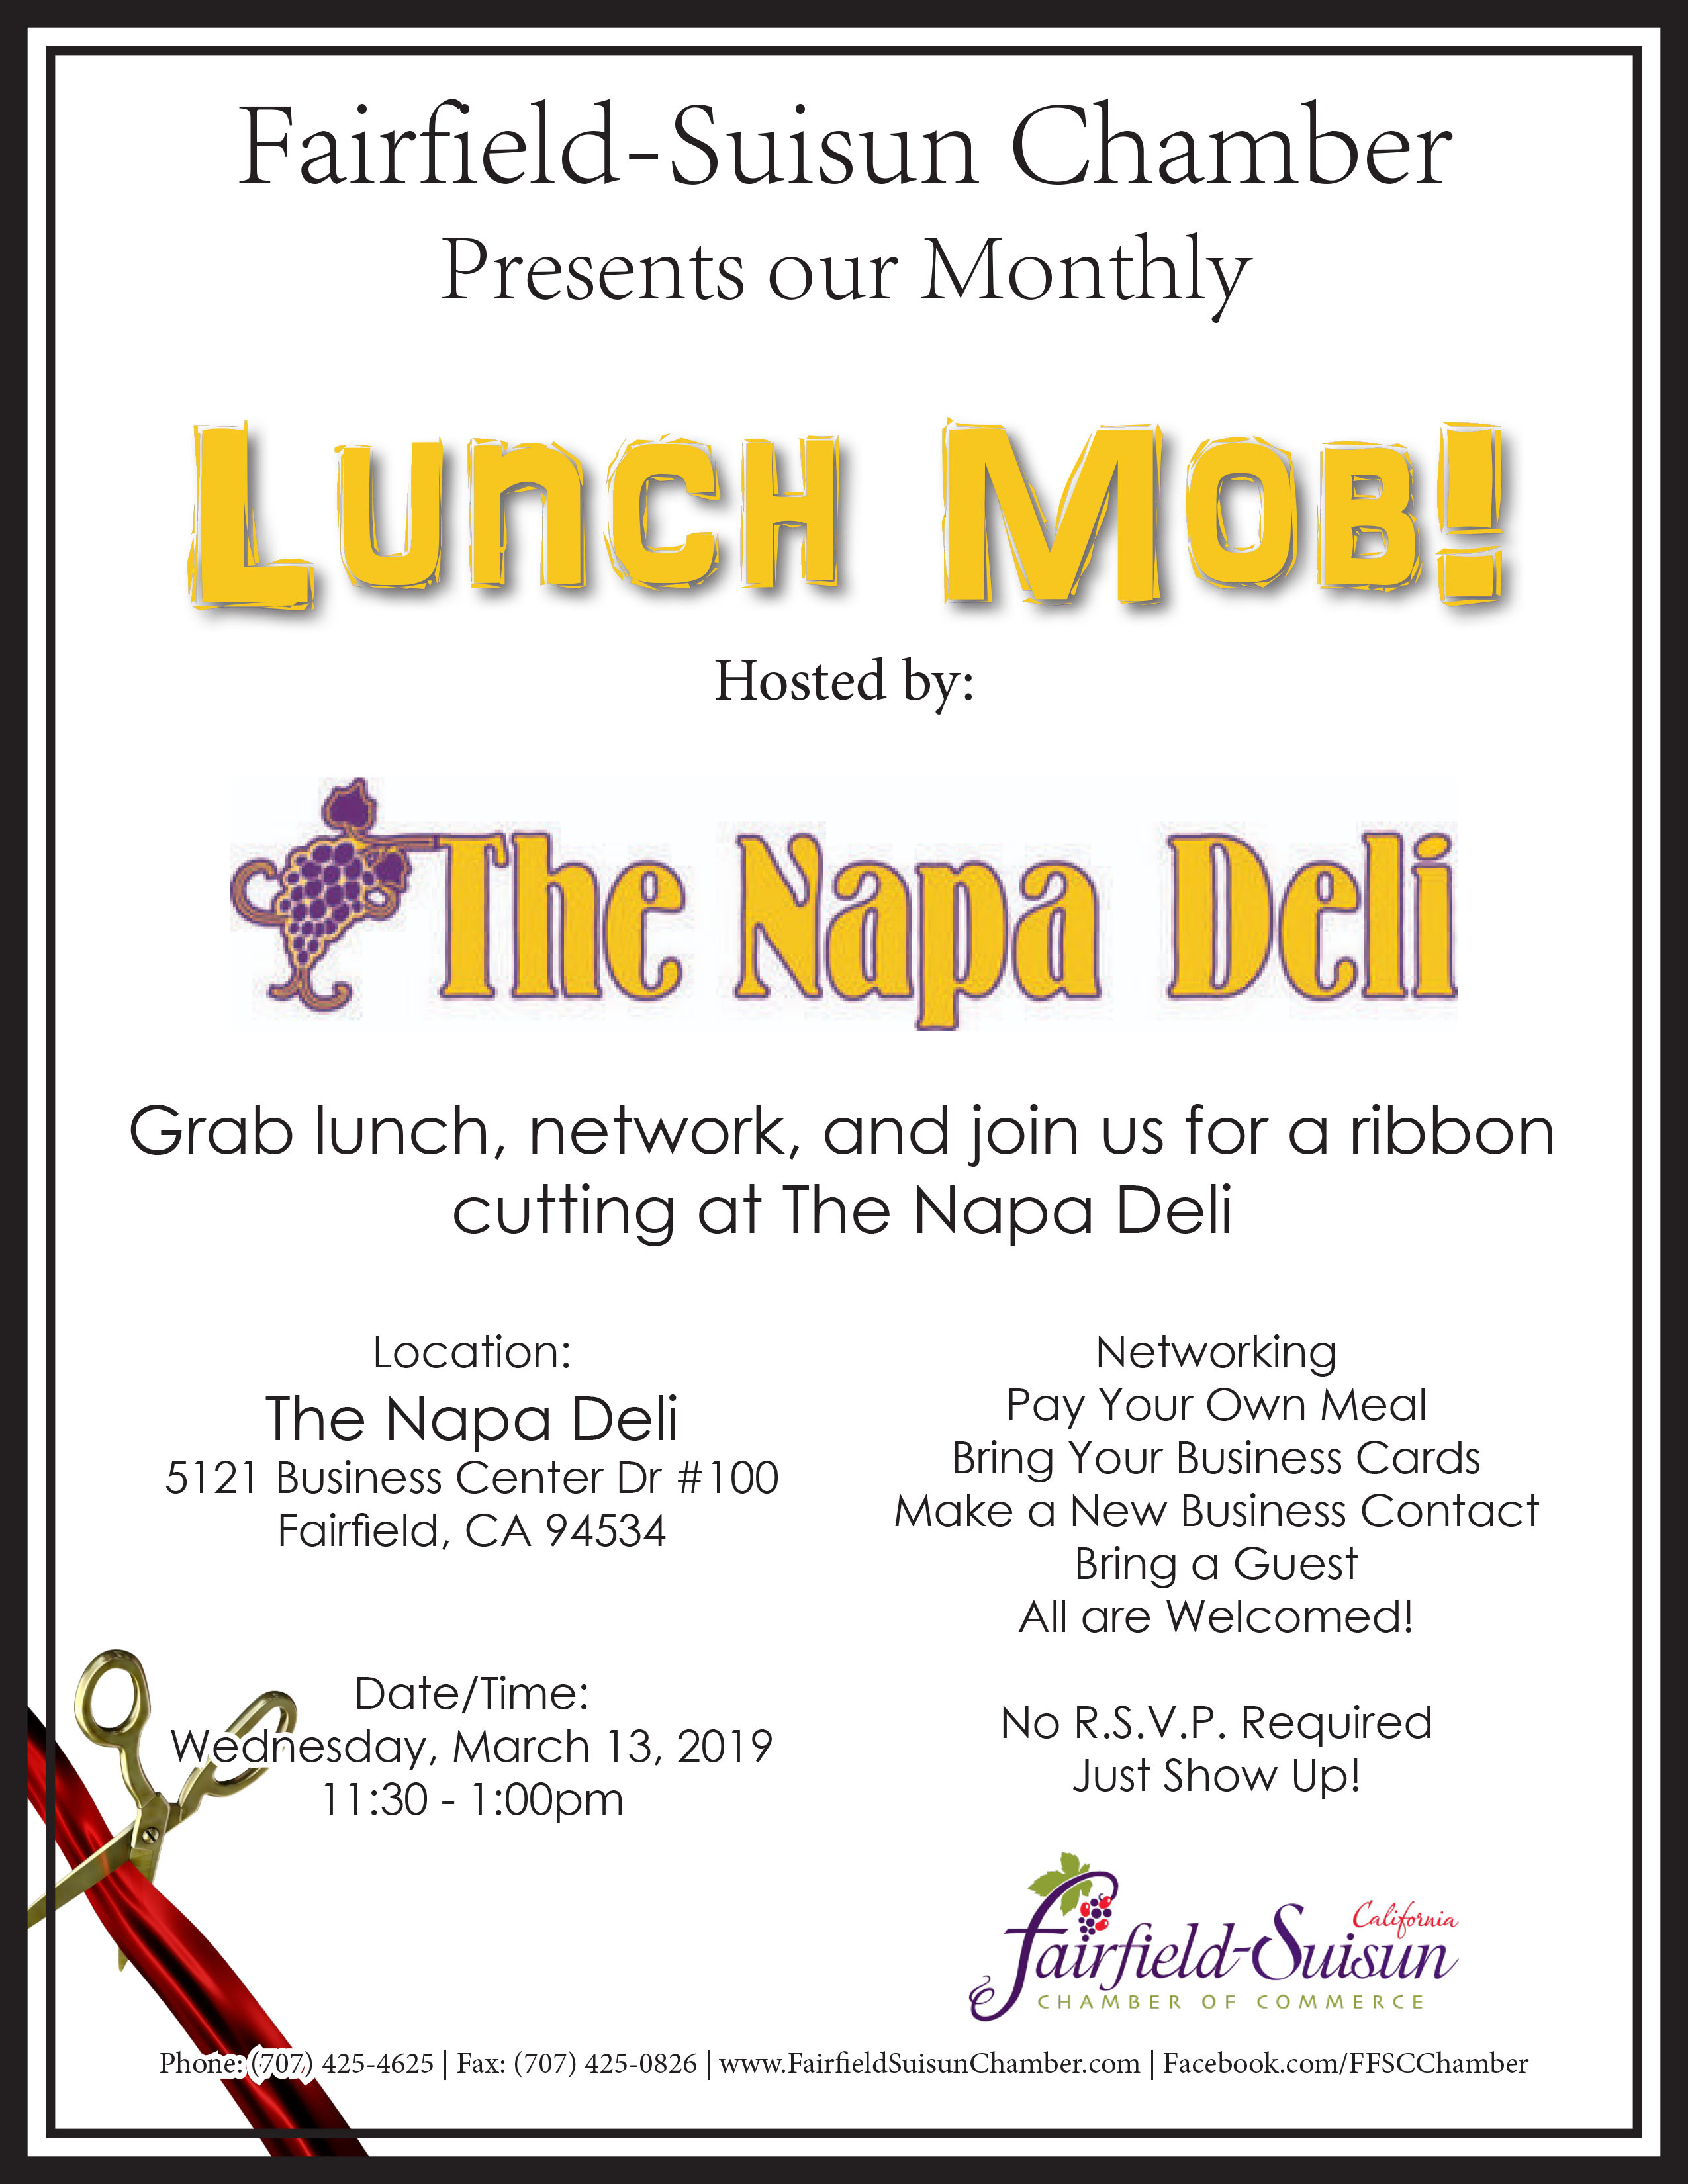 fairfield-suisun-chamber-lunch-mob-march-2019-the-napa-deli